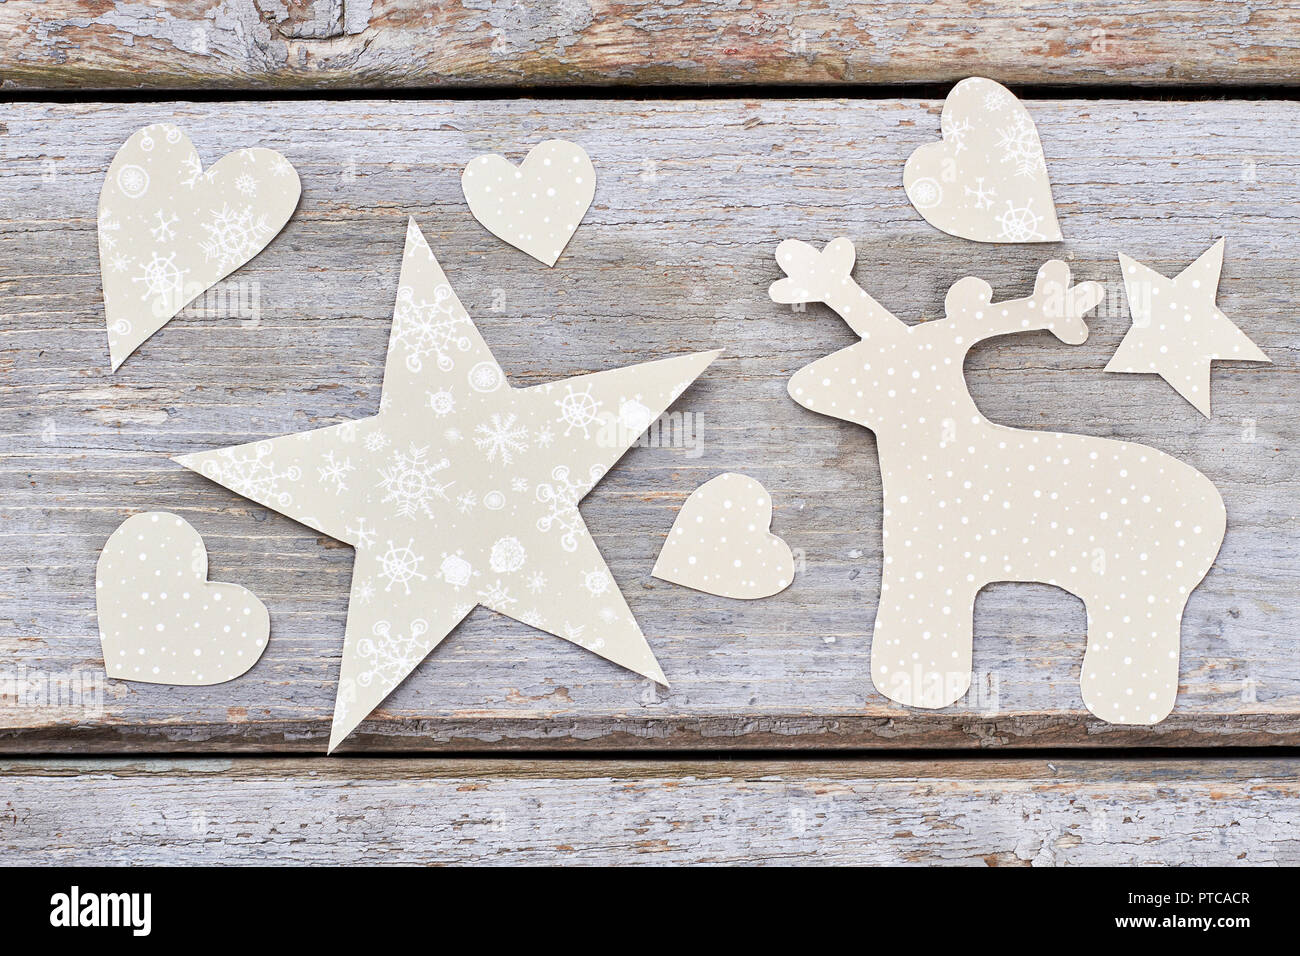 Decorazioni In Legno Per Bambini : Bambini fatti a mano carta natale ornamenti intagliati tagliare